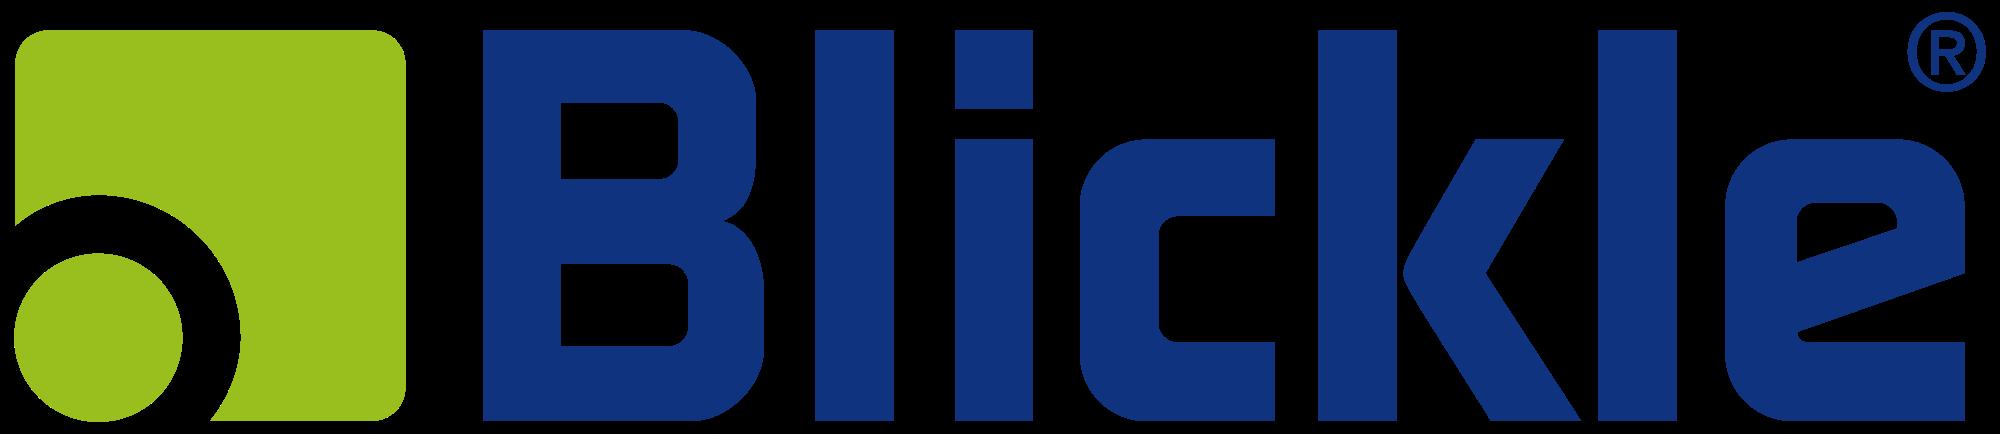 #Blickle - APPELEZ-NOUS - 01.46.65.20.14